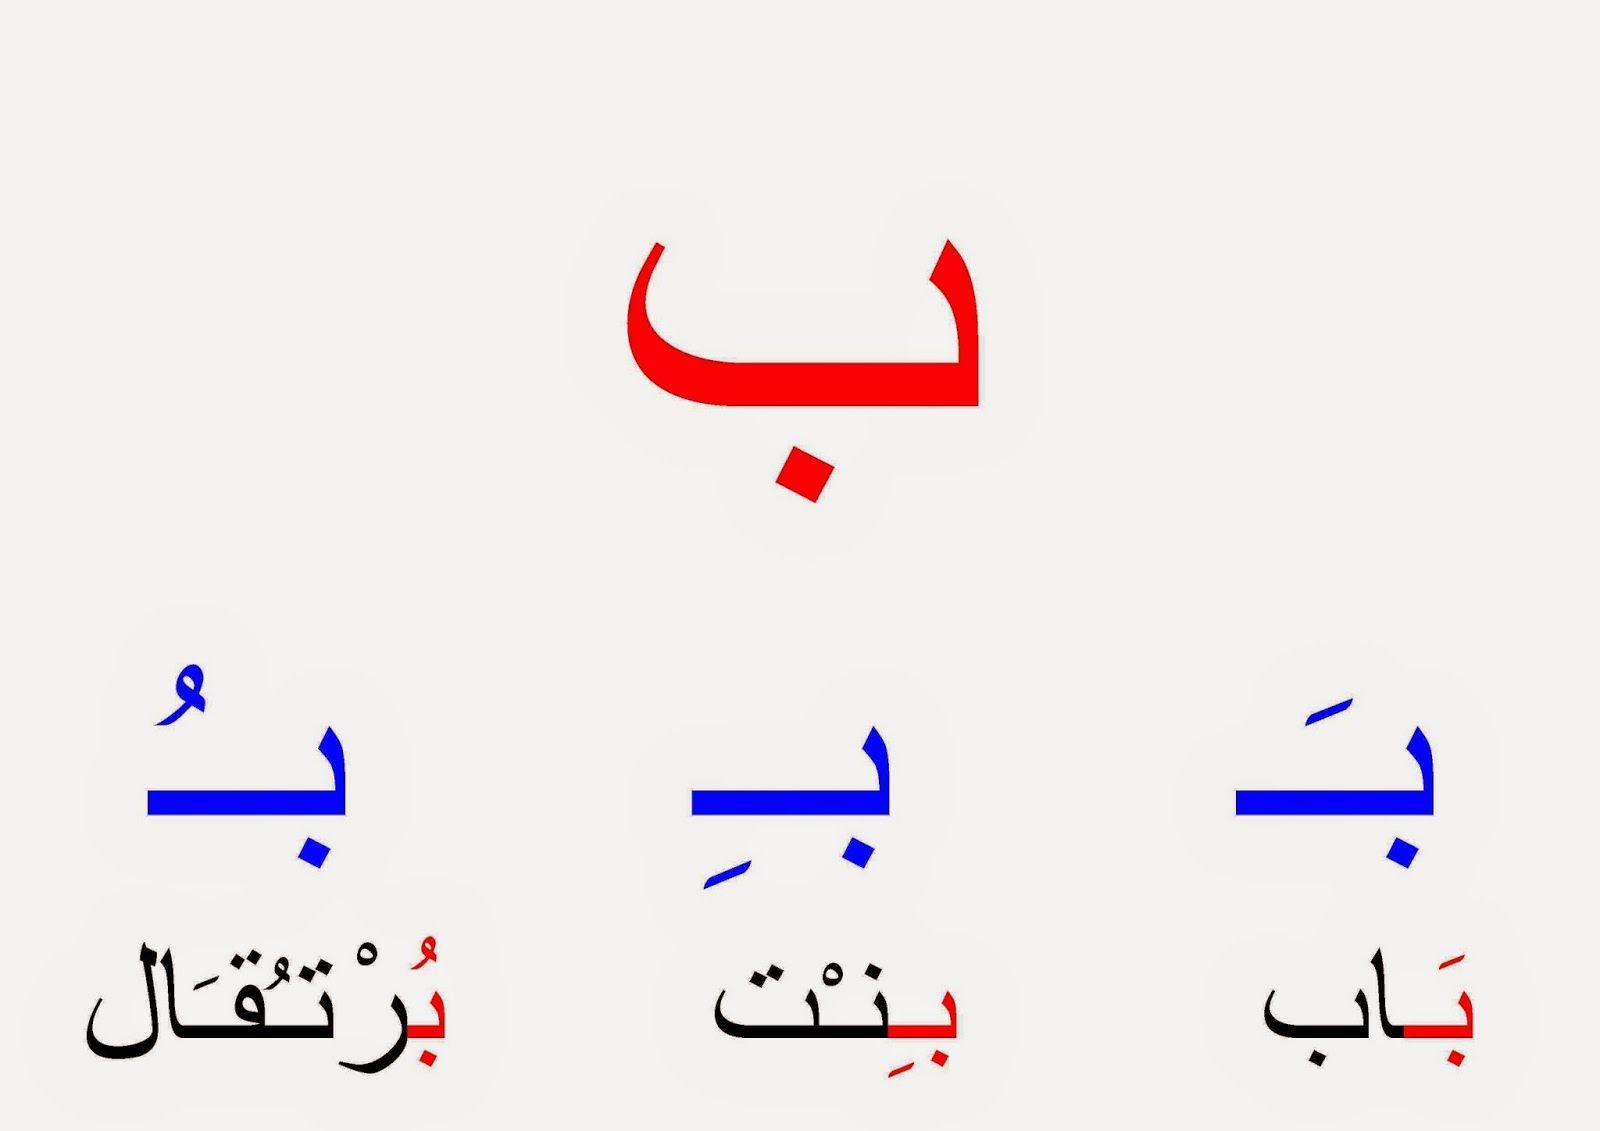 روضة العلم للاطفال حروف الهجاء مع التشكيل Learning Arabic Learn Arabic Alphabet Arabic Alphabet